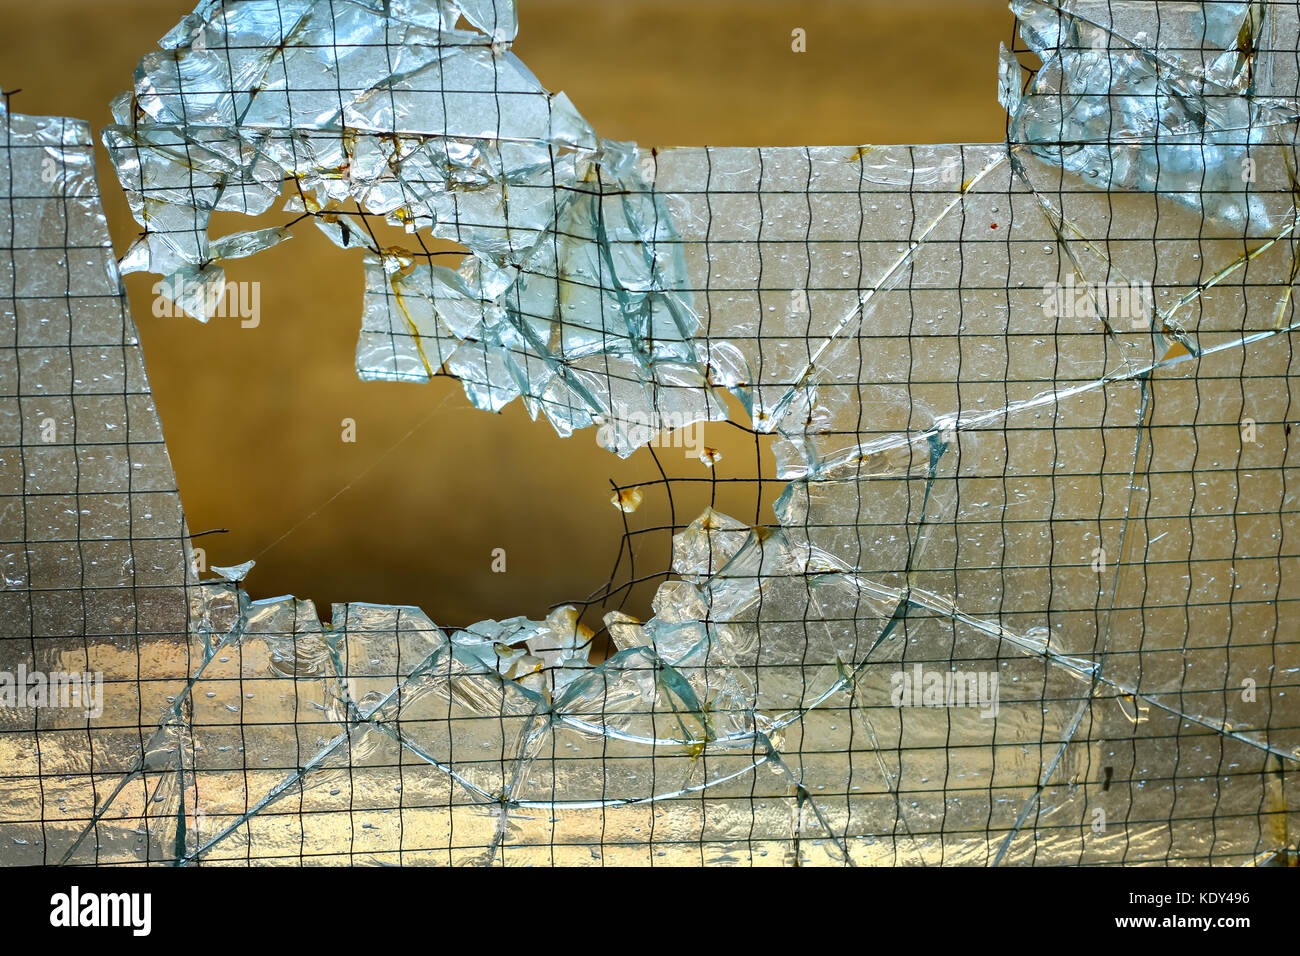 Broken Door Glass Stockfotos & Broken Door Glass Bilder - Alamy